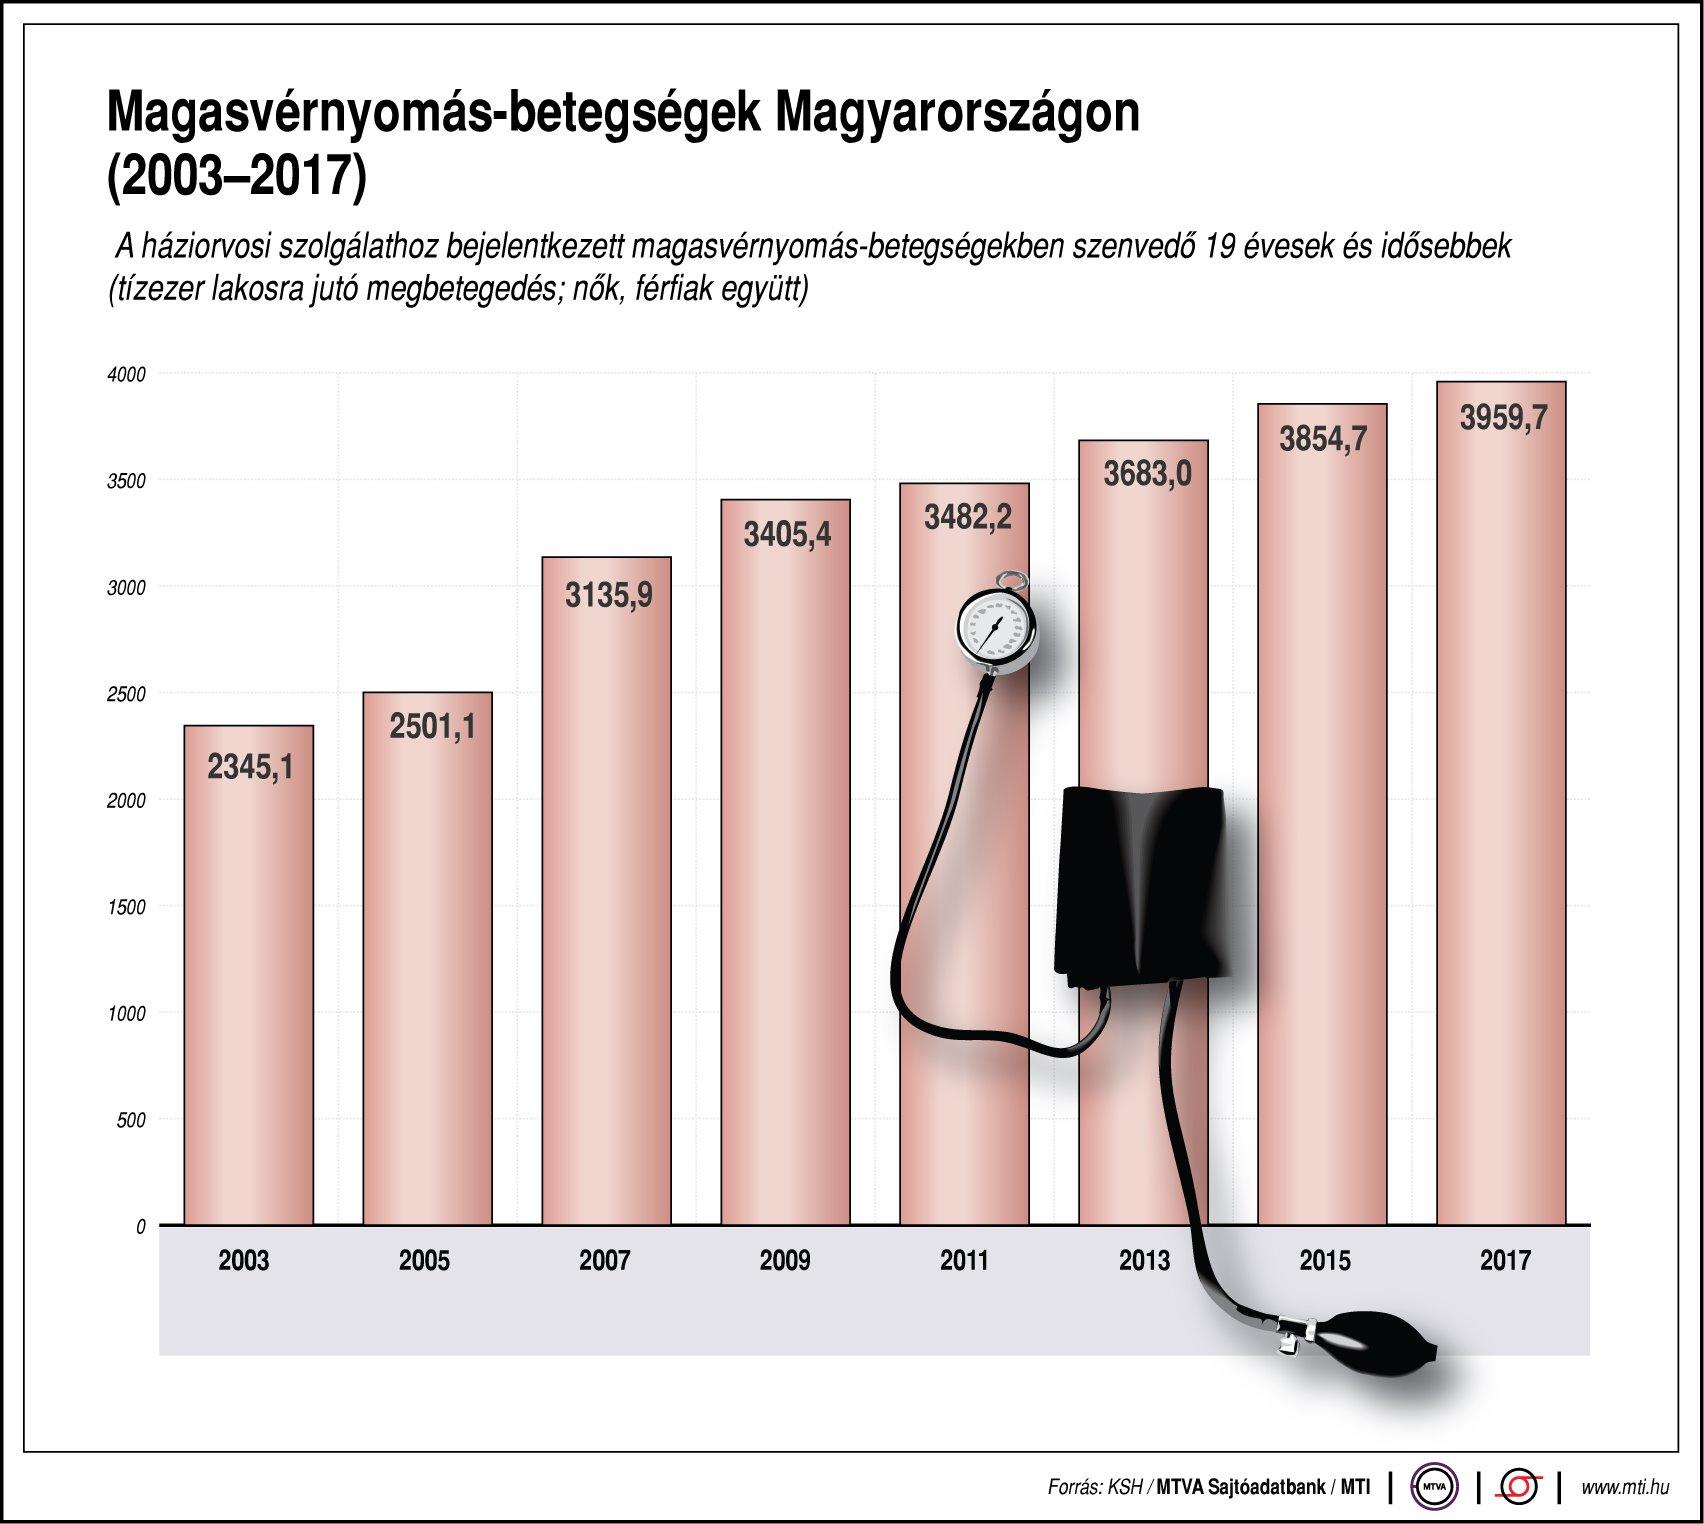 magas vérnyomás 140-90 4 fokozatú magas vérnyomás 2 szakasz és kezelése